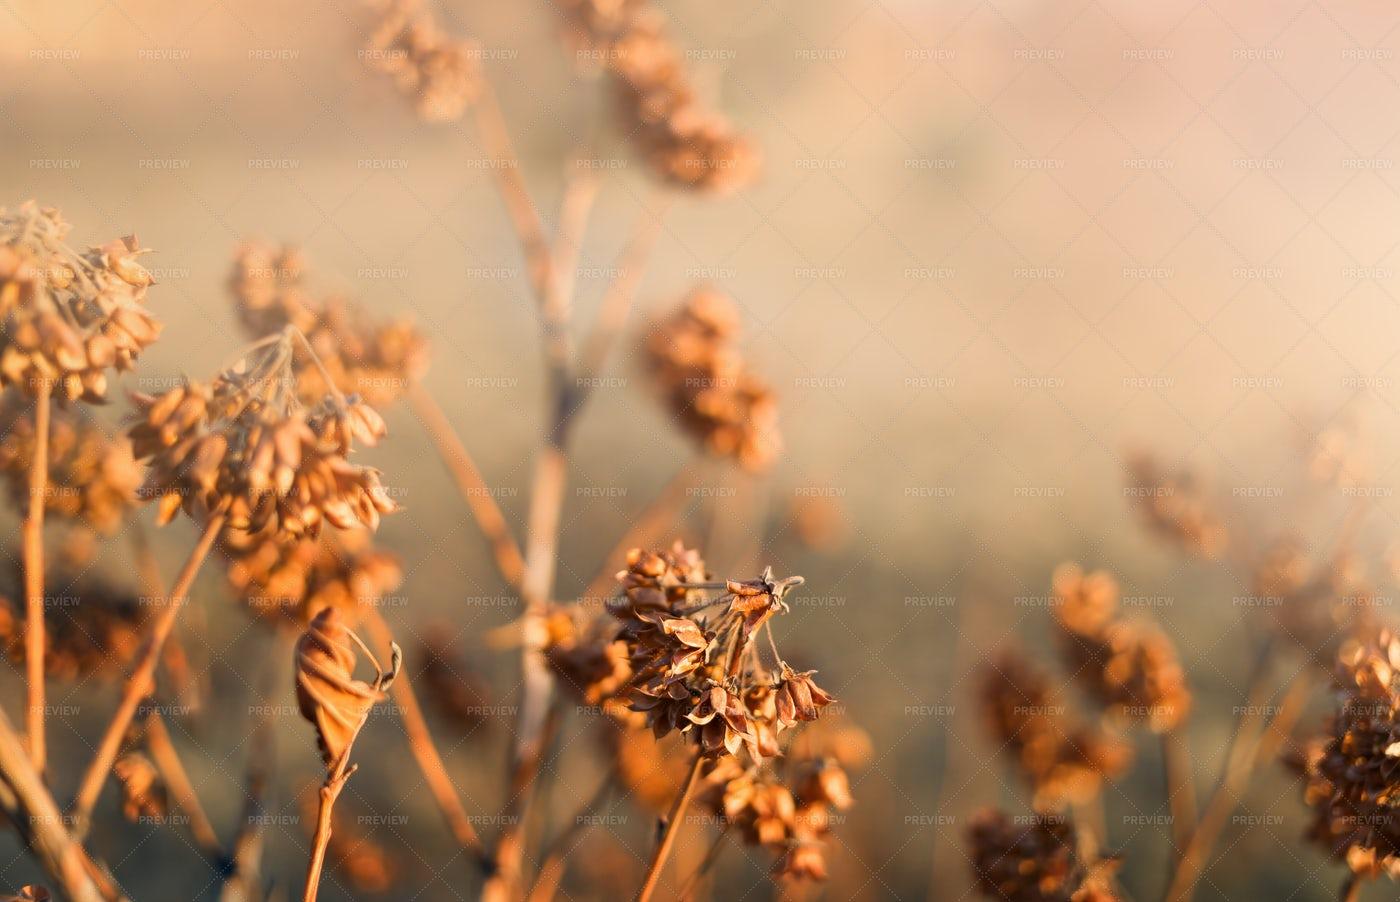 Orange Autumn Dry Grass: Stock Photos